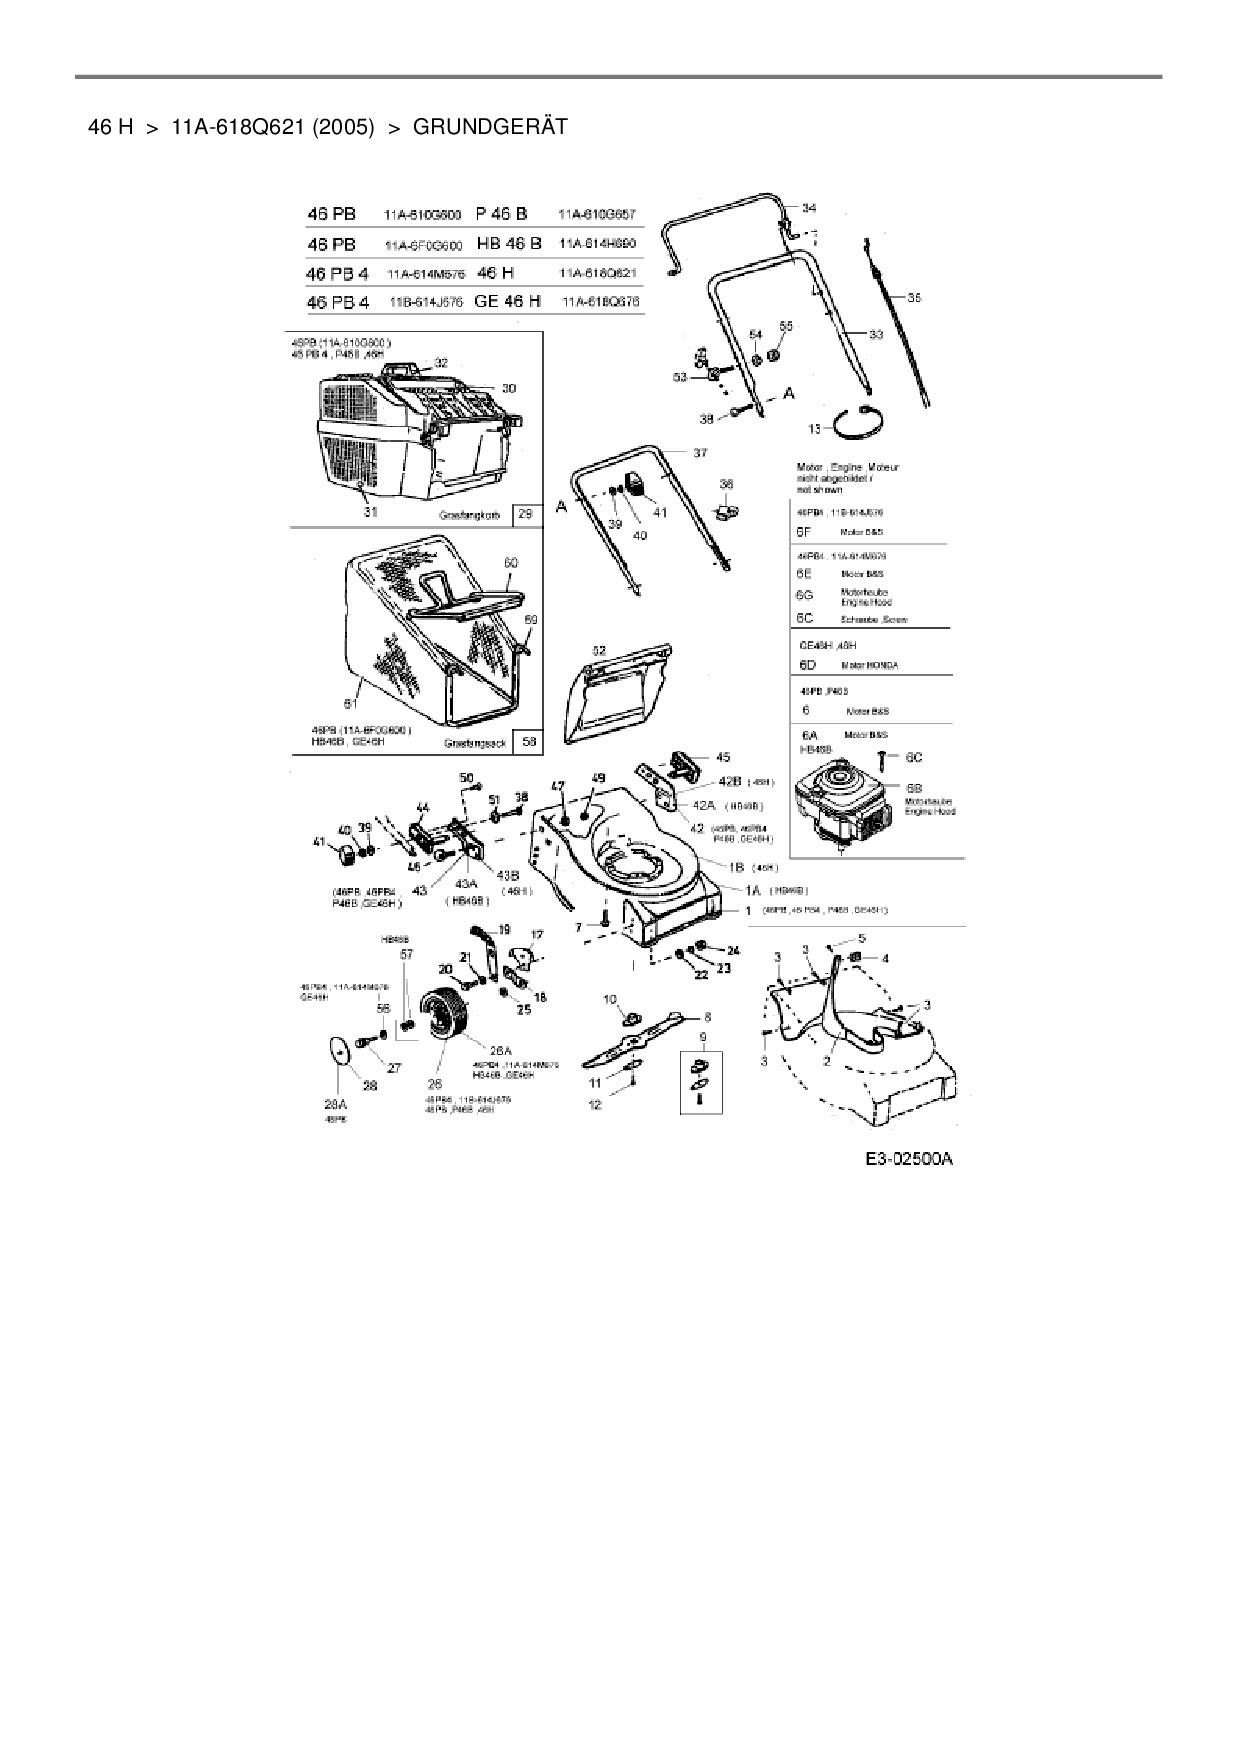 ersatzteile von hanseatic motorm her 46 h aus der. Black Bedroom Furniture Sets. Home Design Ideas